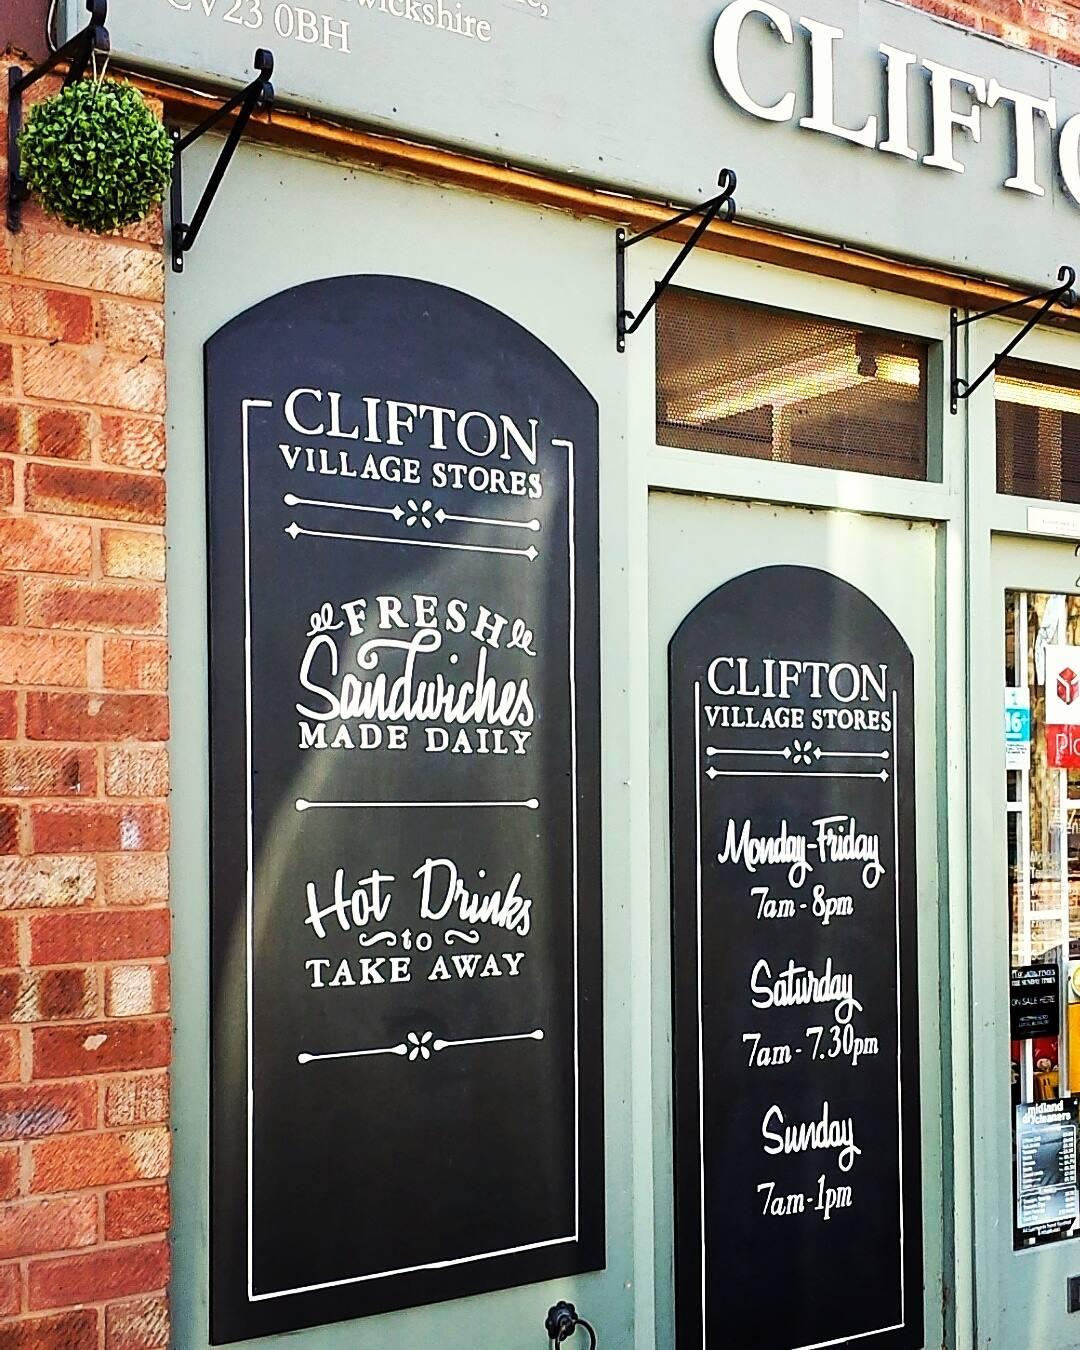 Clifton Village Stores, Clifton